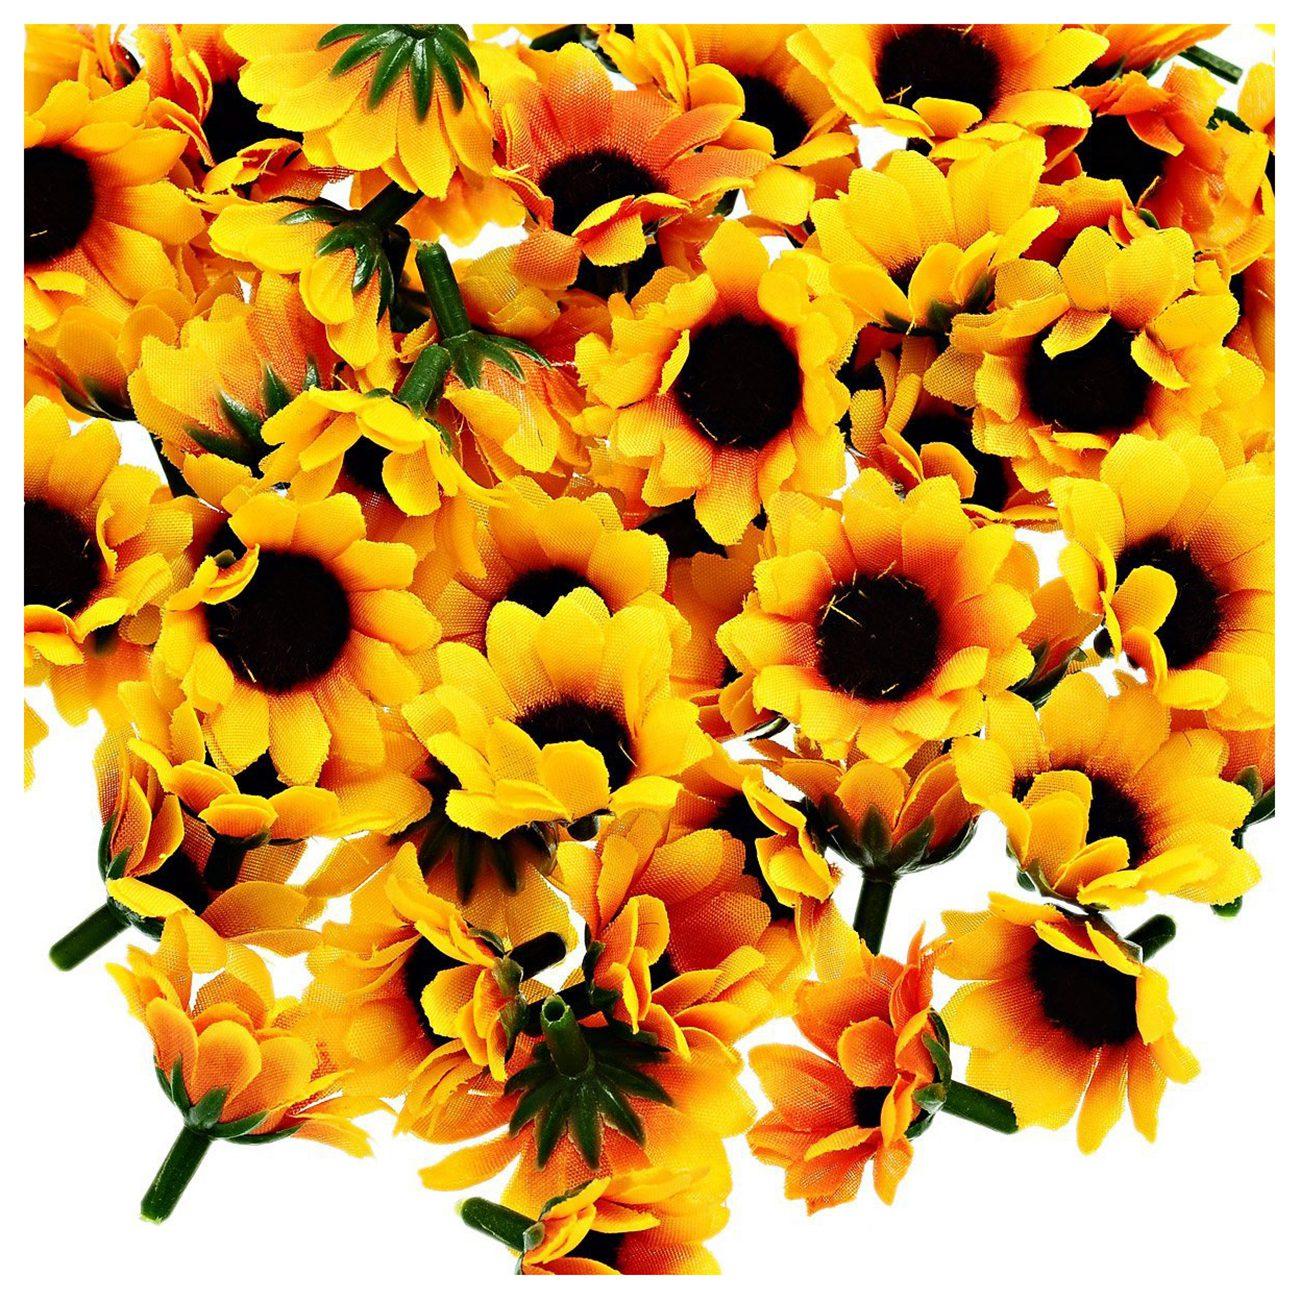 Hot Gczw 100 Pcs Artificial Sunflower Little Daisy Gerbera Flower